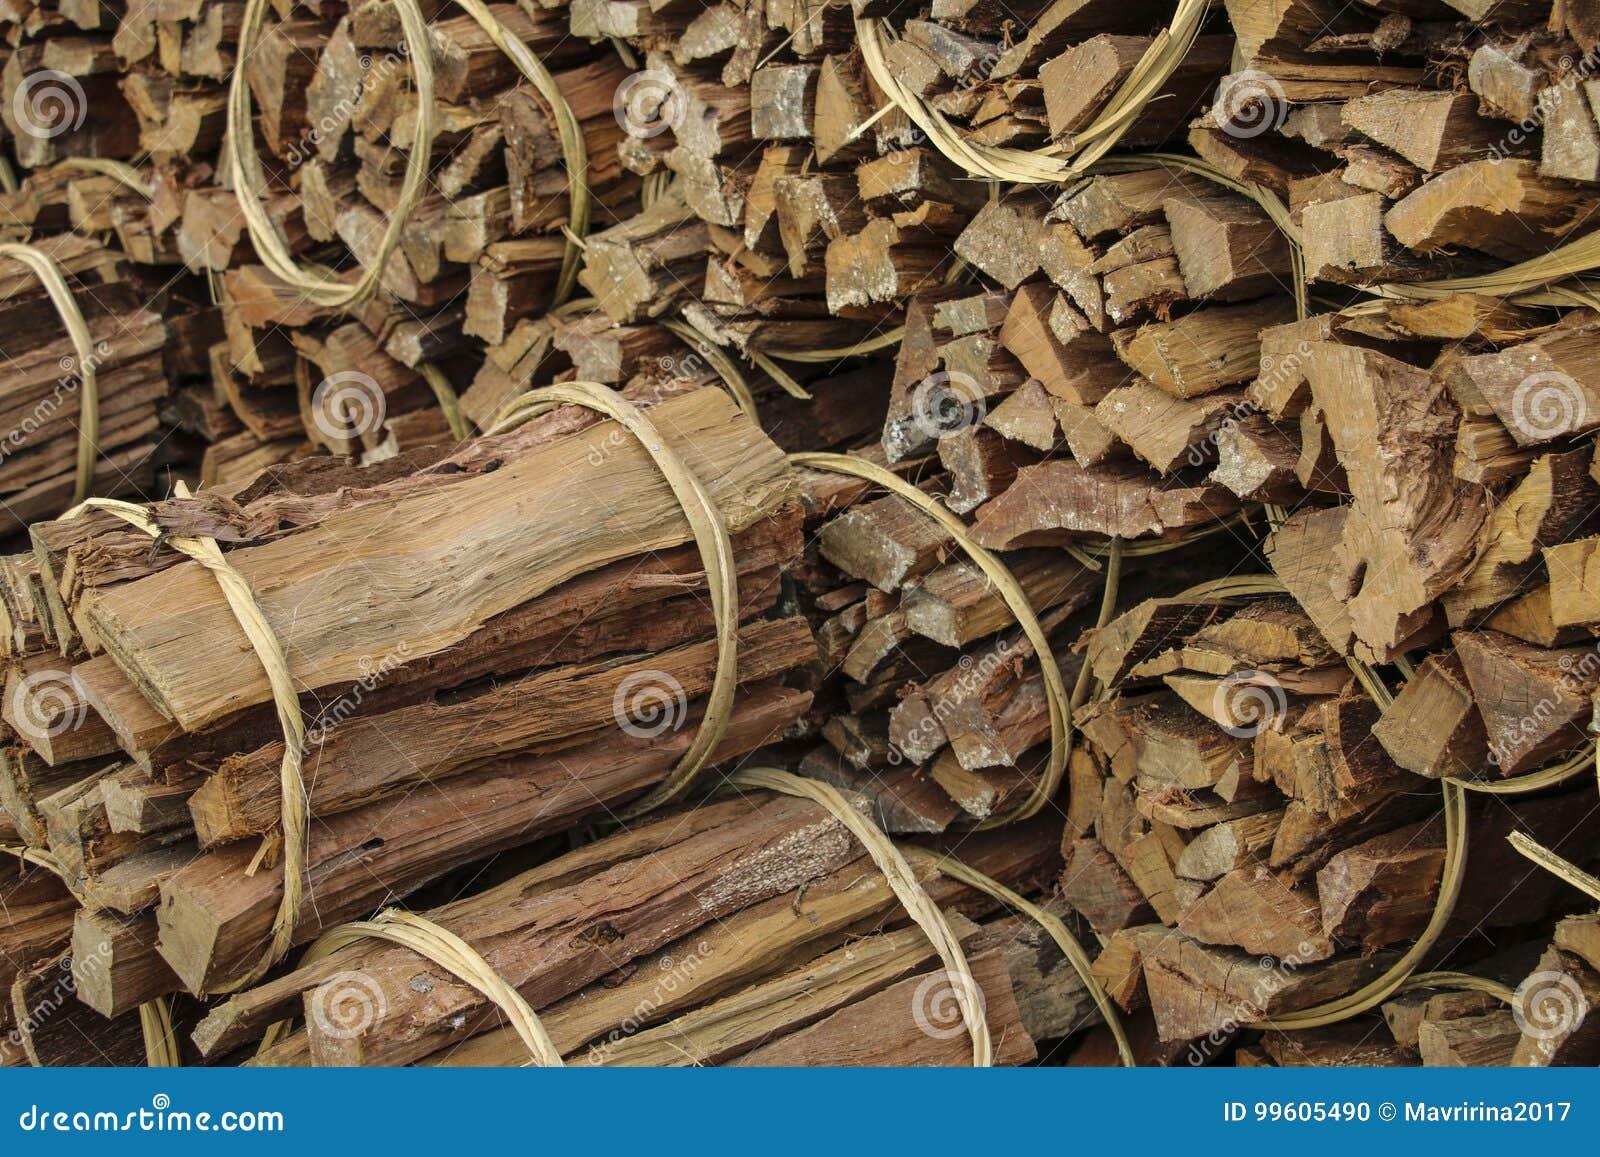 Prächtig Natürlicher Hölzerner Hintergrund, Brennholz Sind In Den Bündeln @TG_48